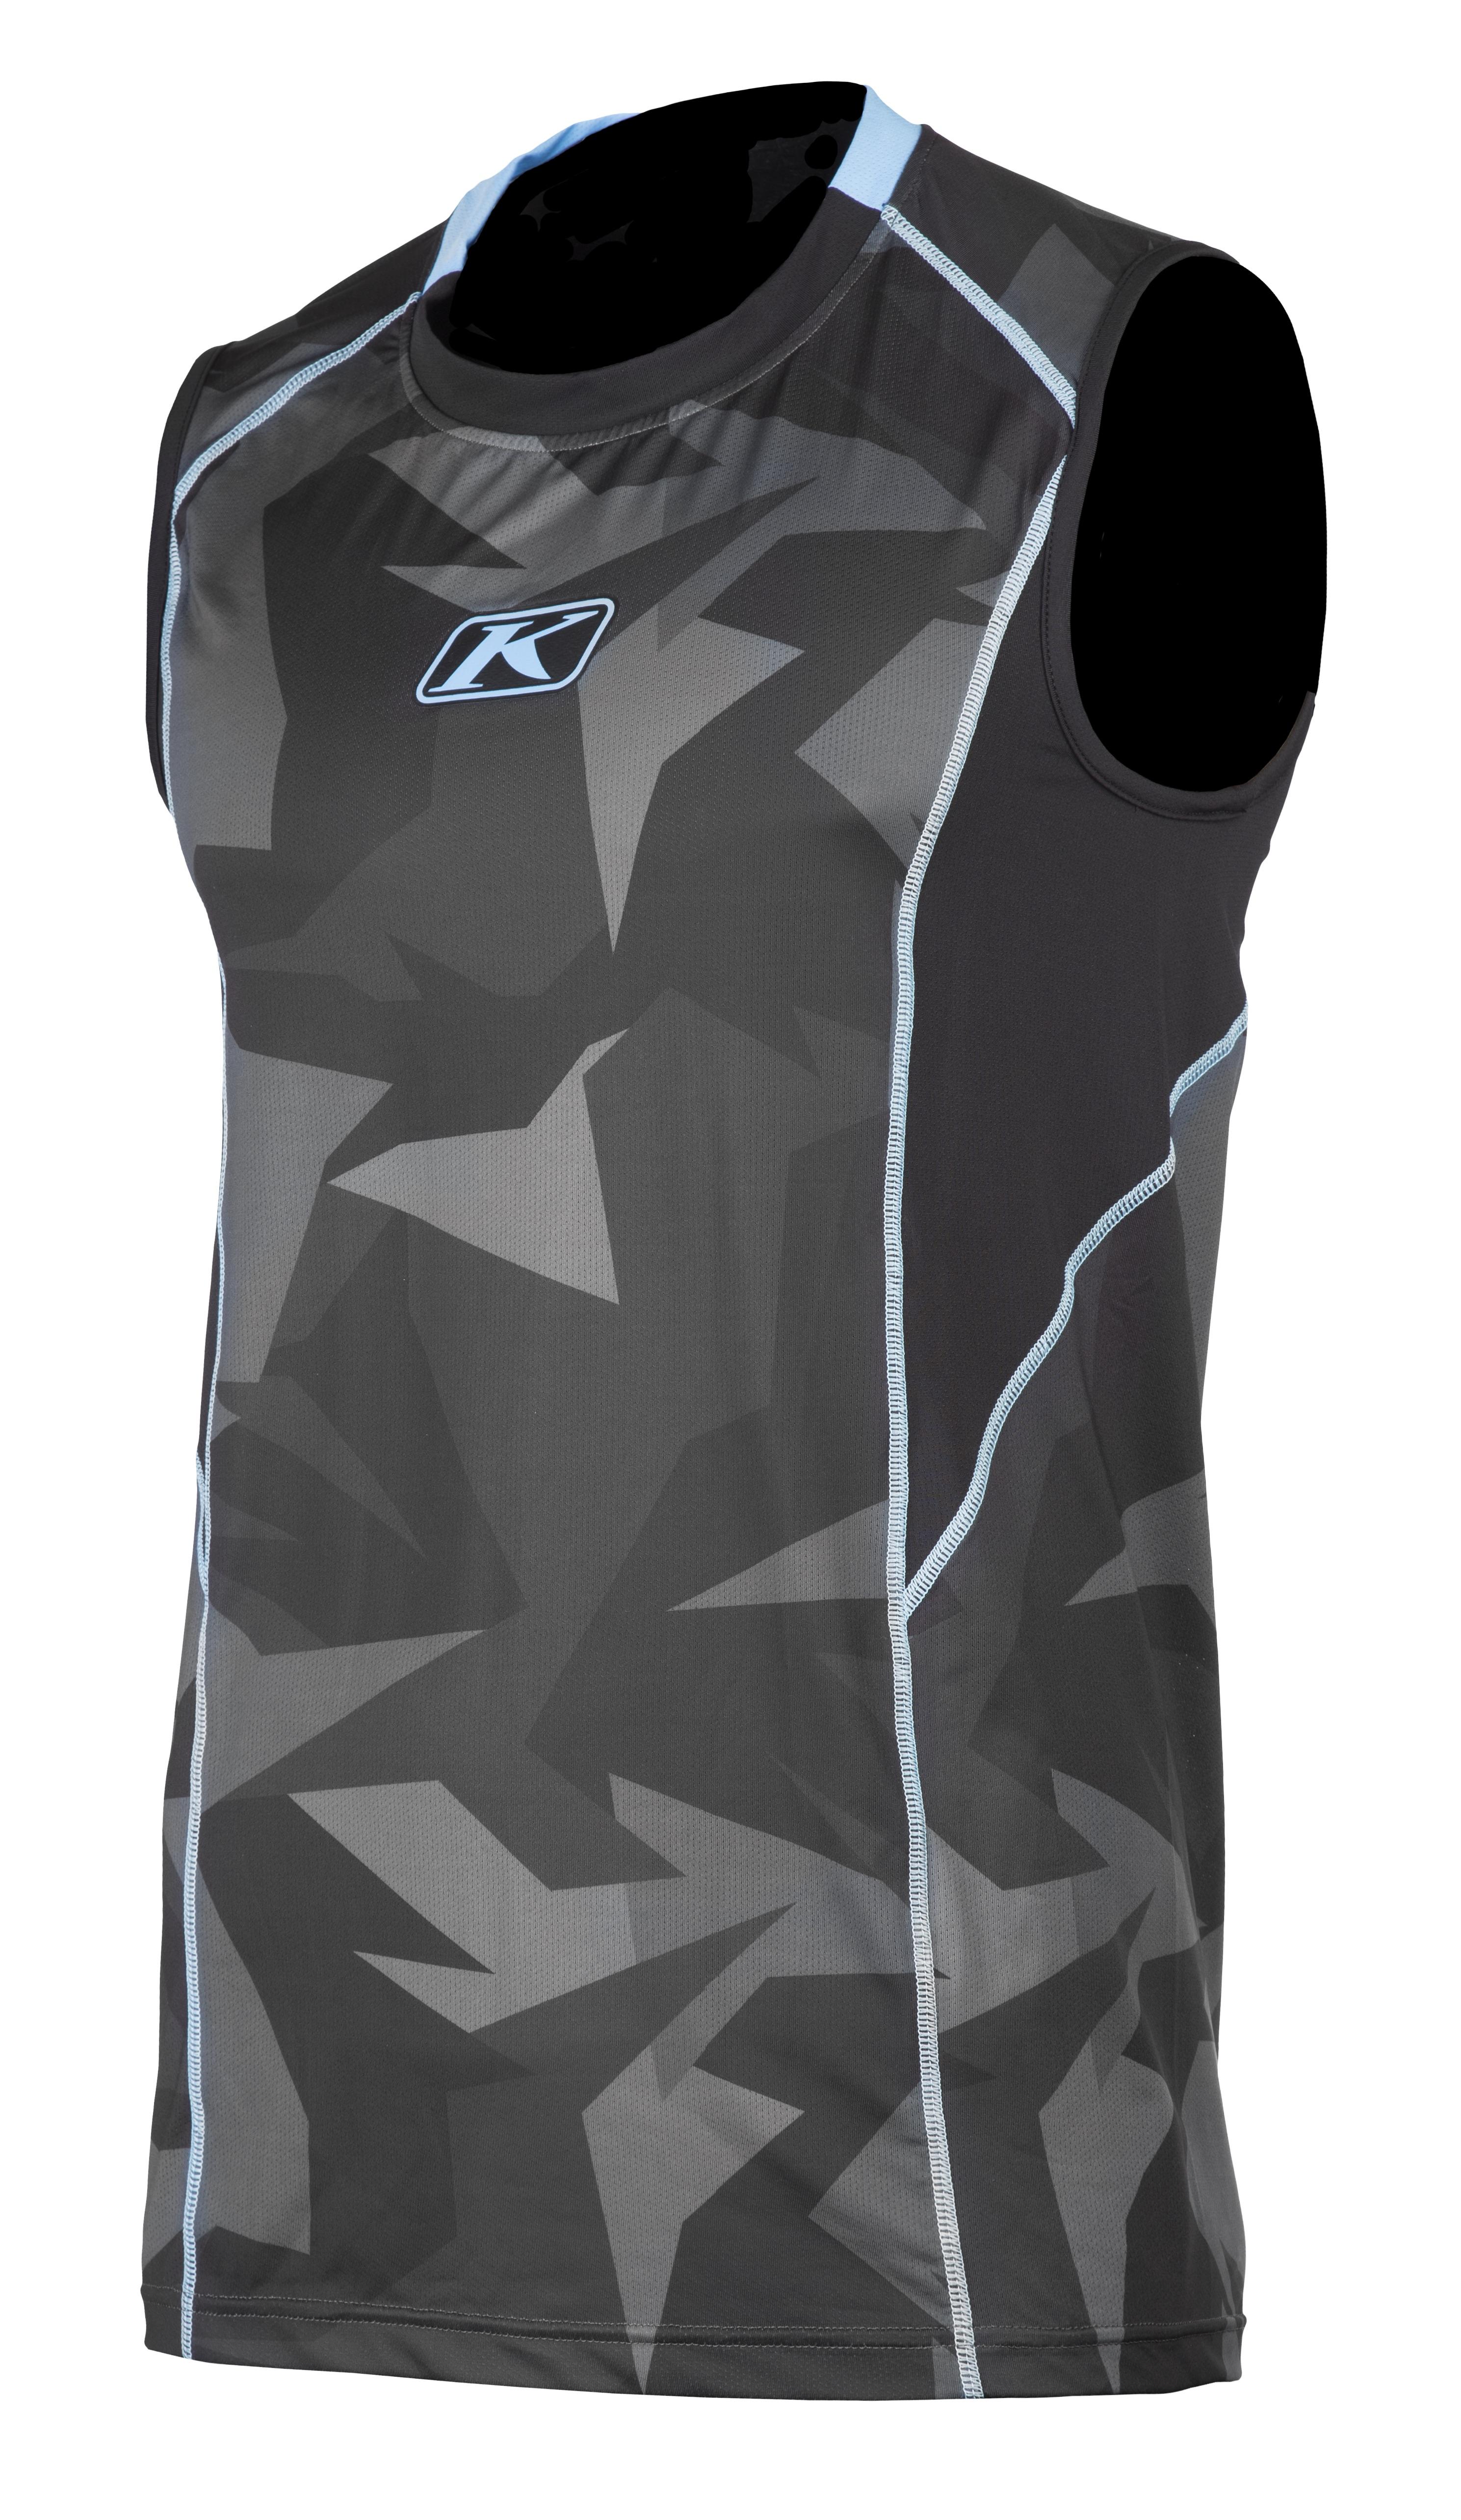 aggressor-shirt-sleeveless-1-0-3502-000_camo_01